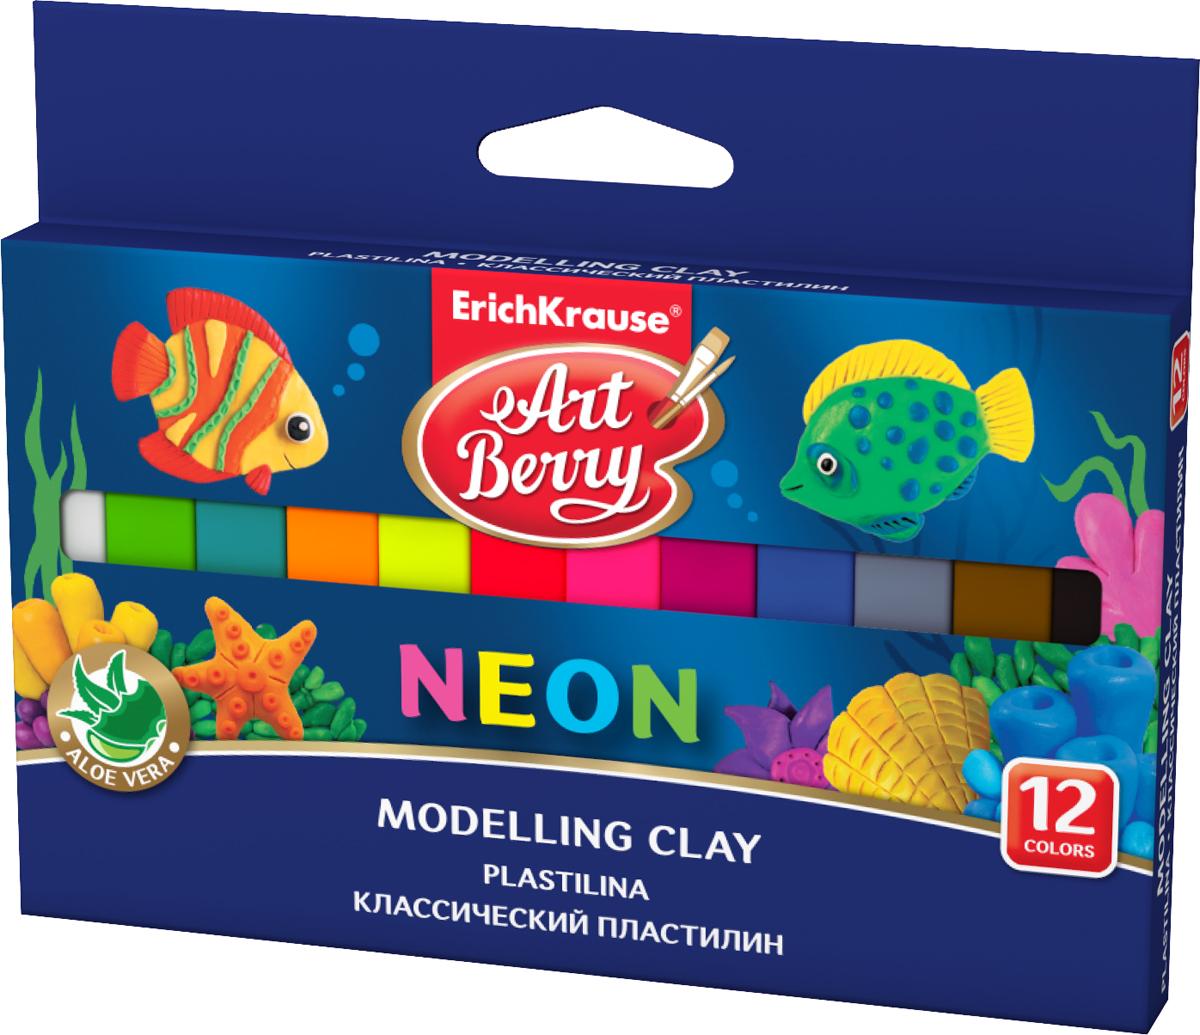 Erich Krause Пластилин Art Berry Neon 12 цветов 41766ВВ2280Пластилин ArtBerry с Алоэ Вера станет прекрасным подарком для вашего ребенка.Пластилин изготовлен полностью из экологический материалов.Алоэ Вера, входящая в состав пластилина, обладает бактерицидными свойствами и увлажняющим эффектом.В упаковке 12 видов пластилина разных неоновых цветов.